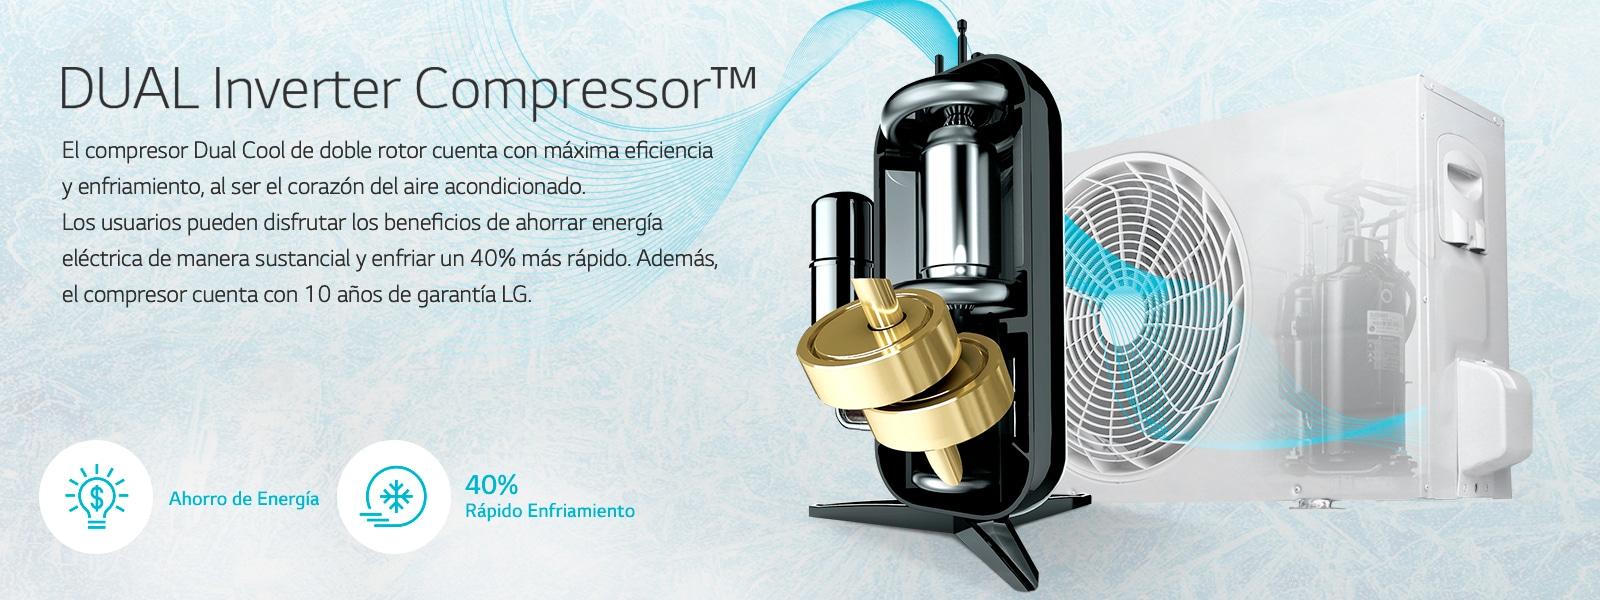 Ahorro de Energía y Enfriamiento Rápido LG COLOMBIA